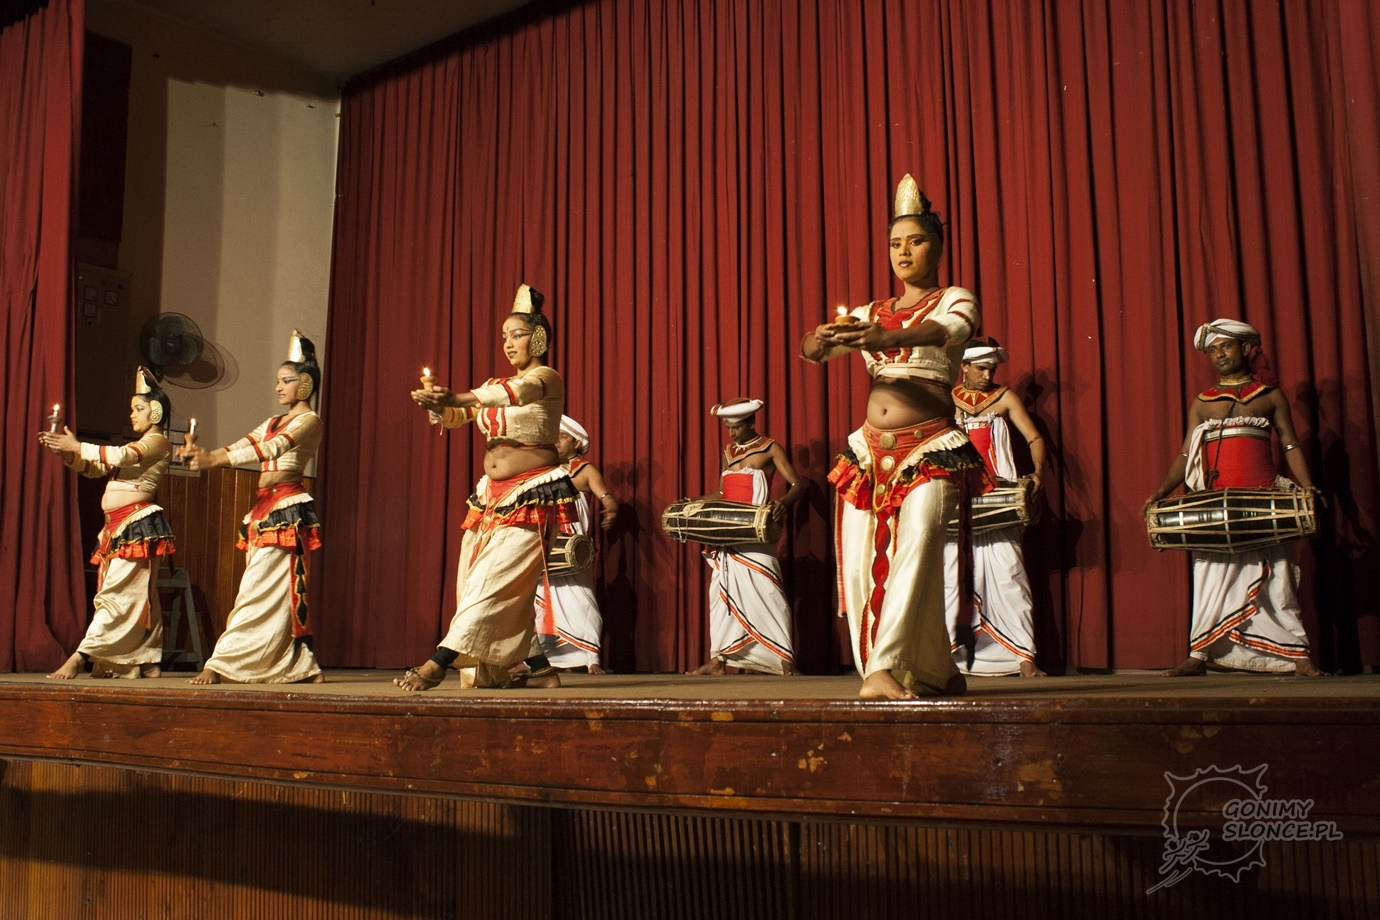 Taniec i muzyka świateł - obyczaje Sri Lanki